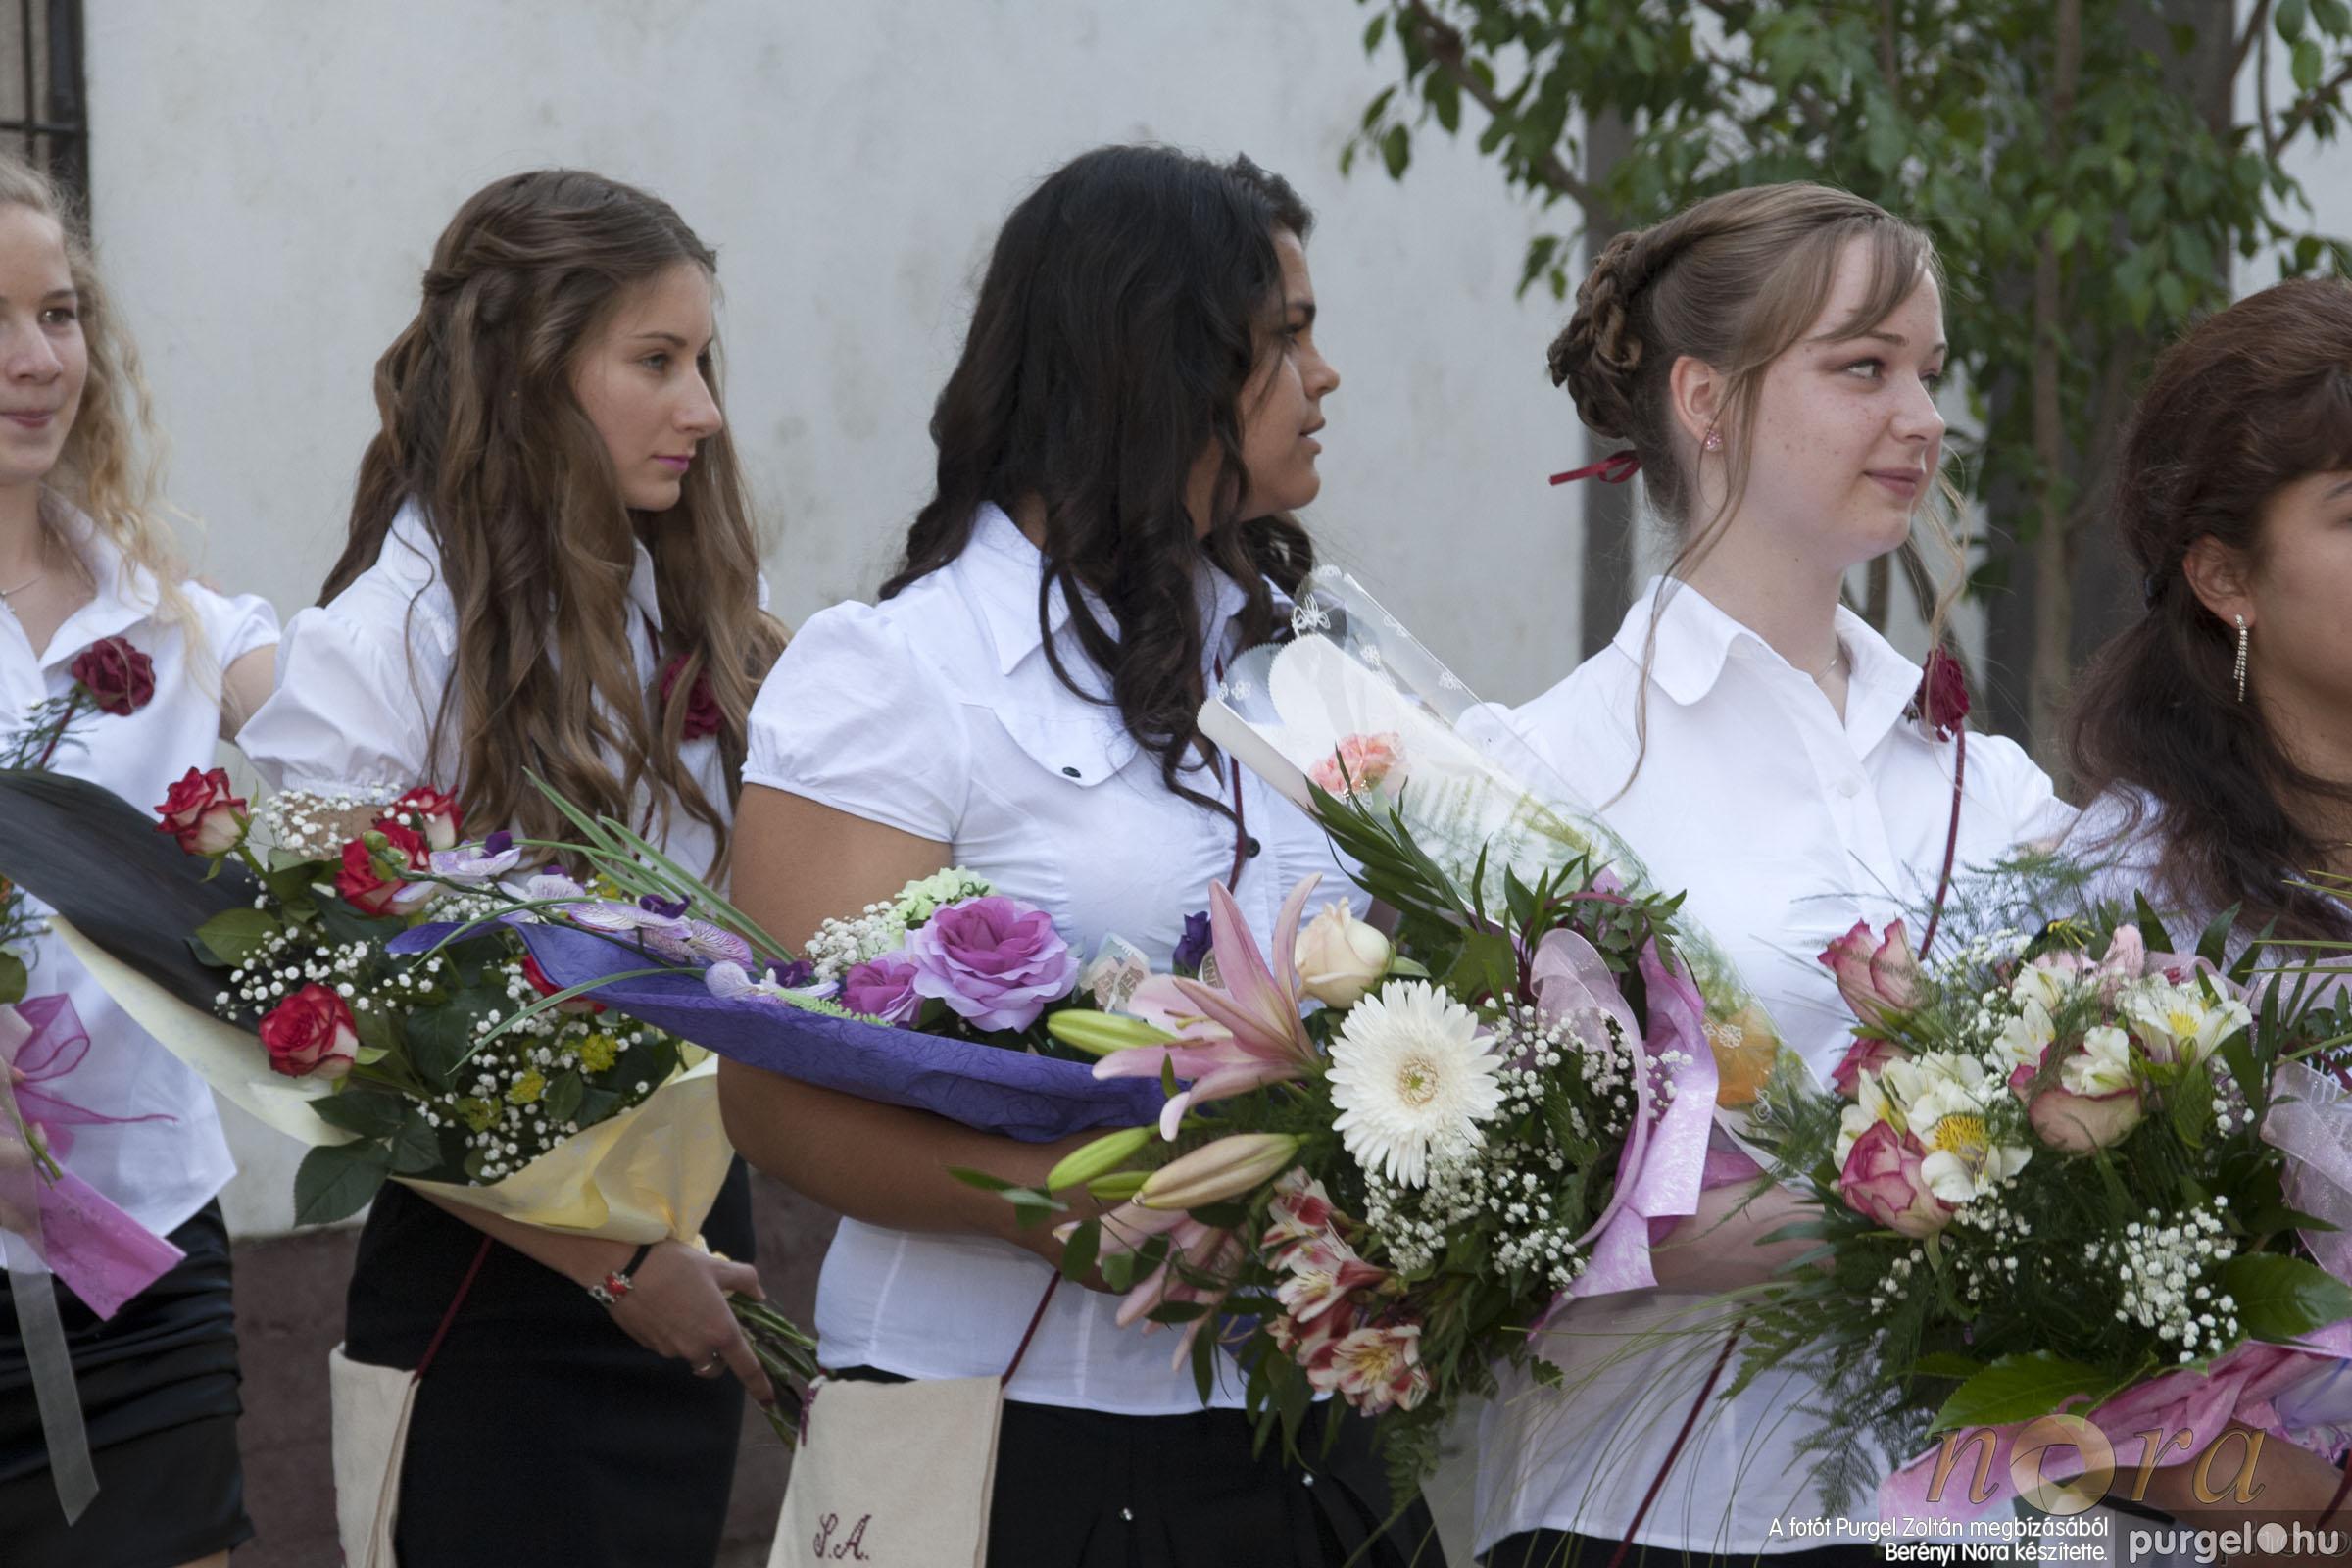 2013.06.15. 119 Forray Máté Általános Iskola ballagás 2013. - Fotó:BERÉNYI NÓRA© _MG_1080.JPG